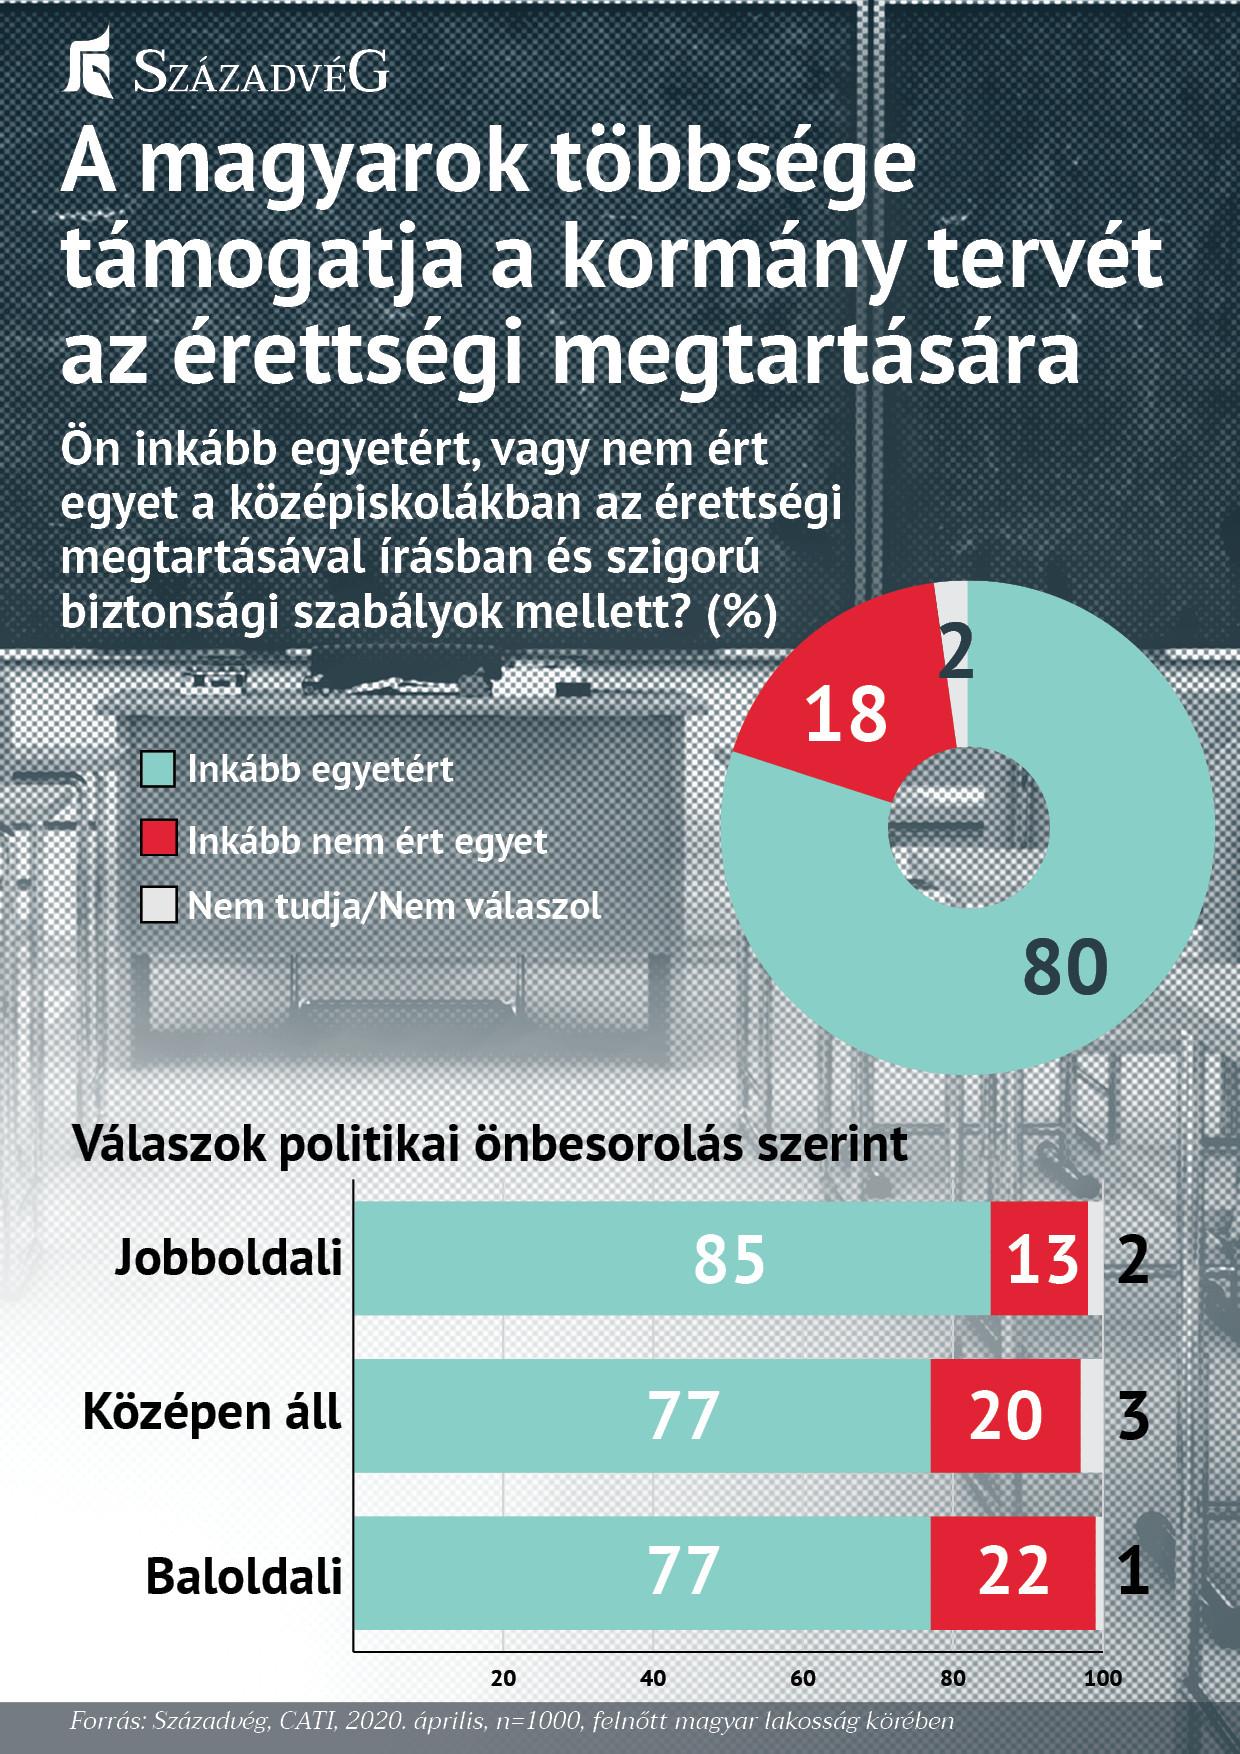 A magyarok többsége támogatja a kormány tervét az érettségi megtartására